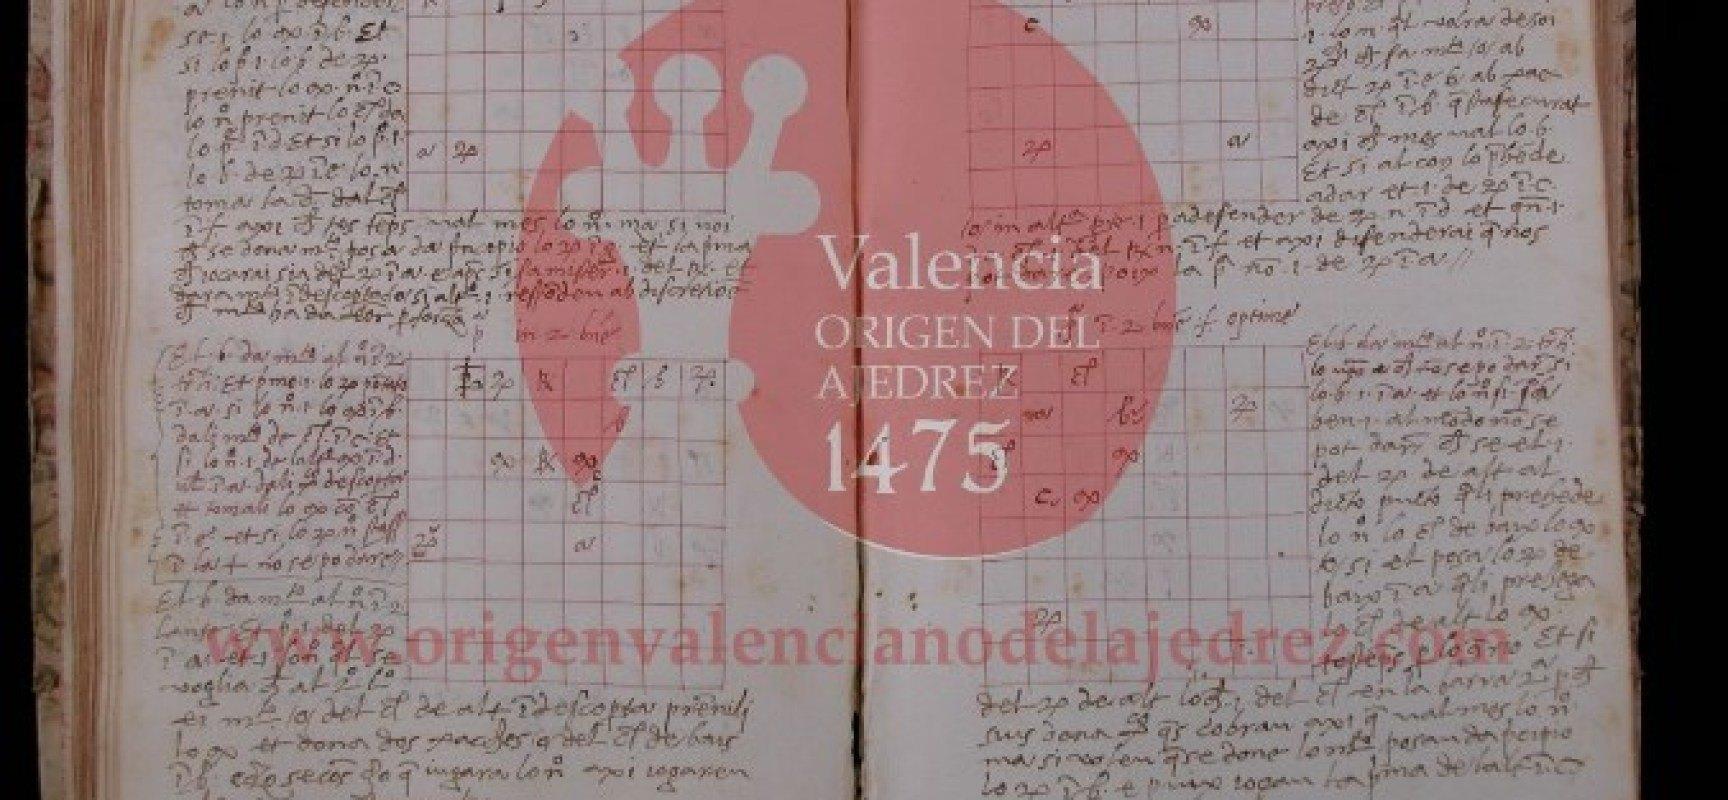 """Película documental """"La dama del ajedrez"""" y el origen valenciano del ajedrez moderno"""